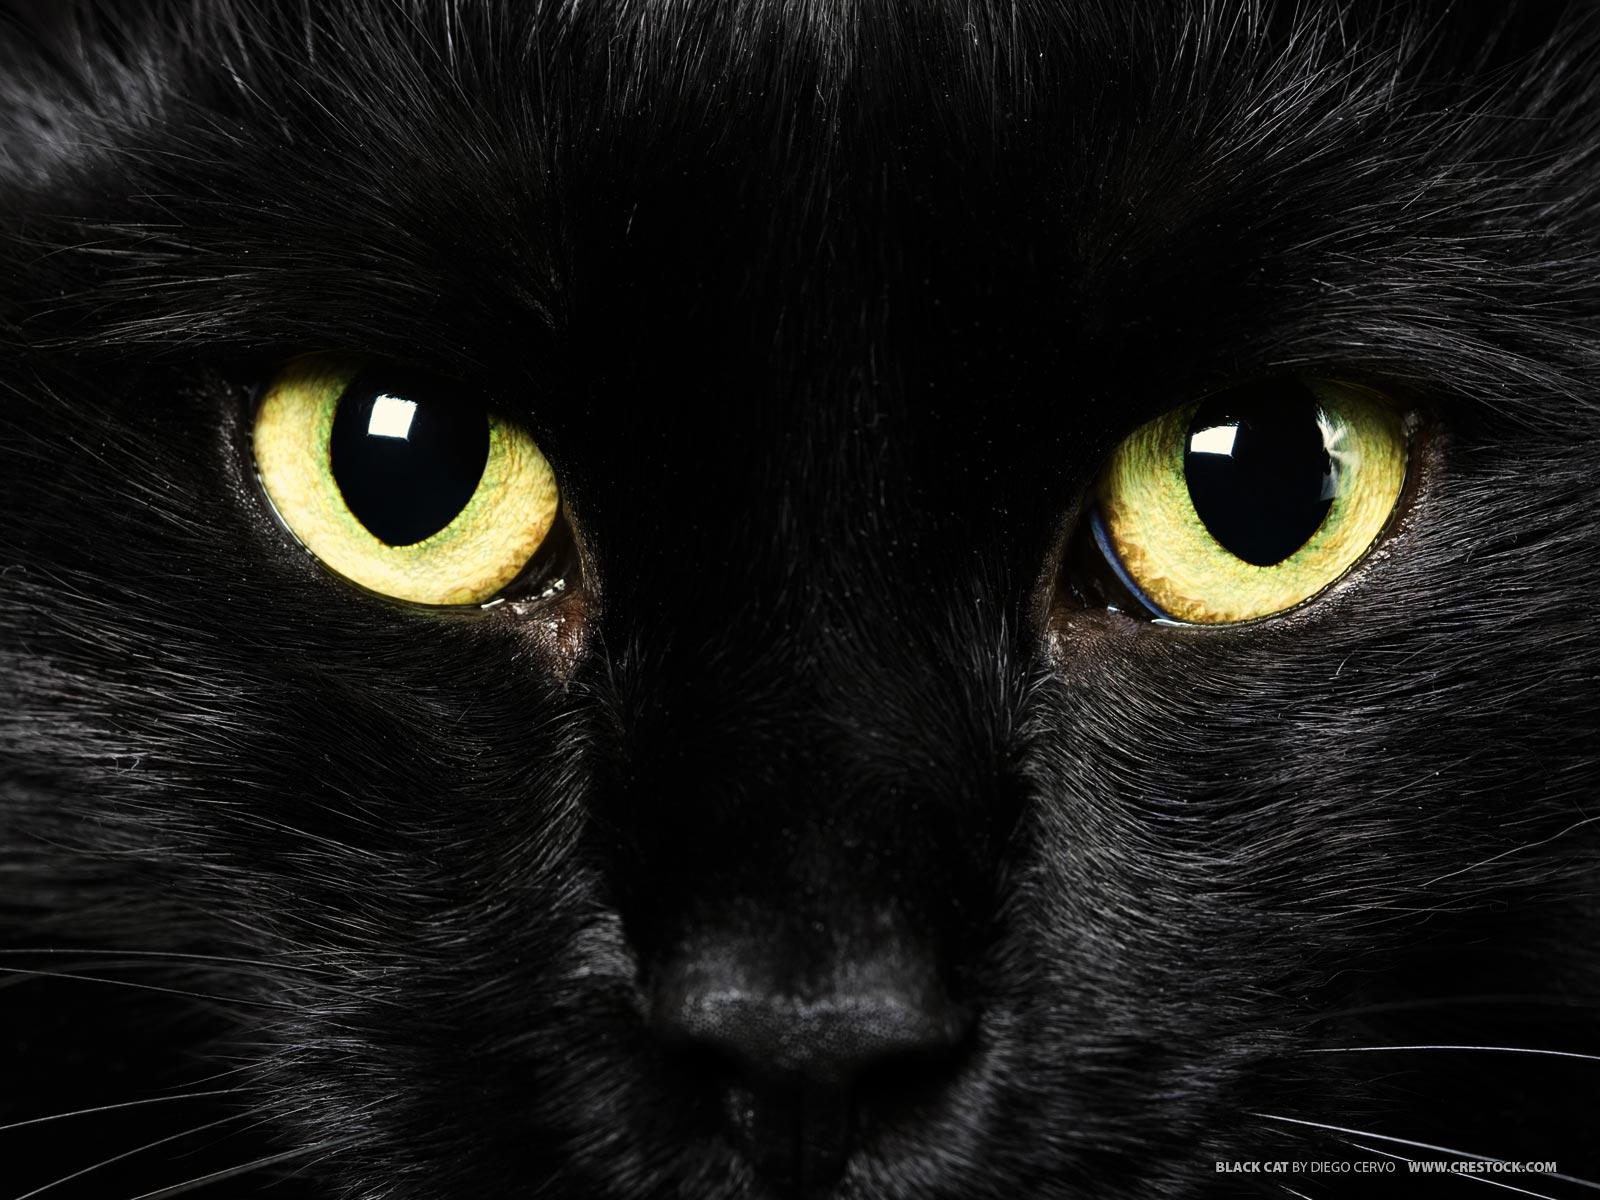 Black Apple Wallpaper Deanne Morrison Black Cat Wallpaper